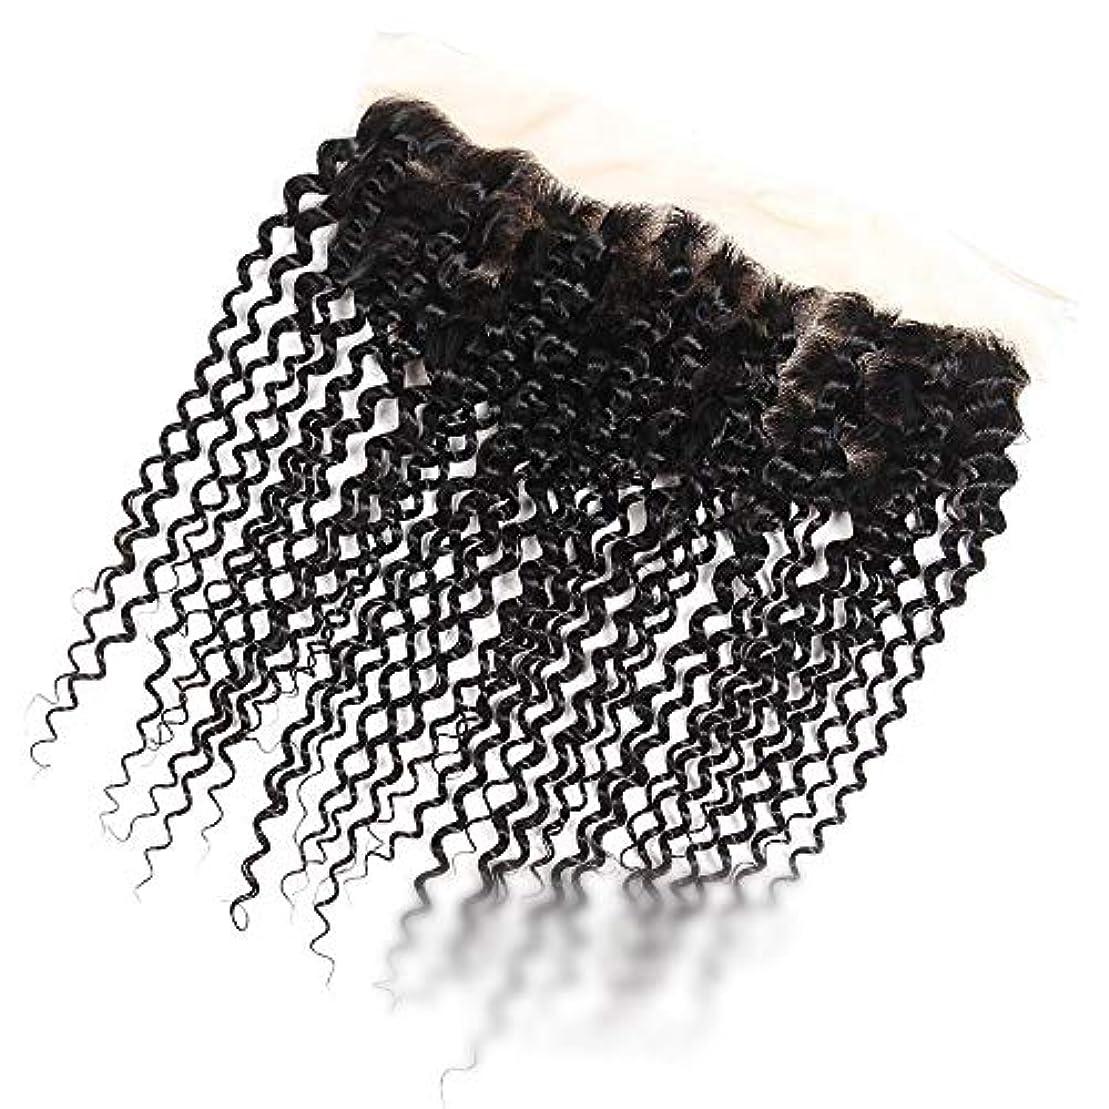 くるくる苦痛バスルームMayalina ブラジルのジェリーカーリーウェーブ人間の髪の毛の自由な部分13×4インチレース前頭閉鎖ナチュラルカラーショートウィッグショートカーリーウィッグ (色 : 黒, サイズ : 12 inch)